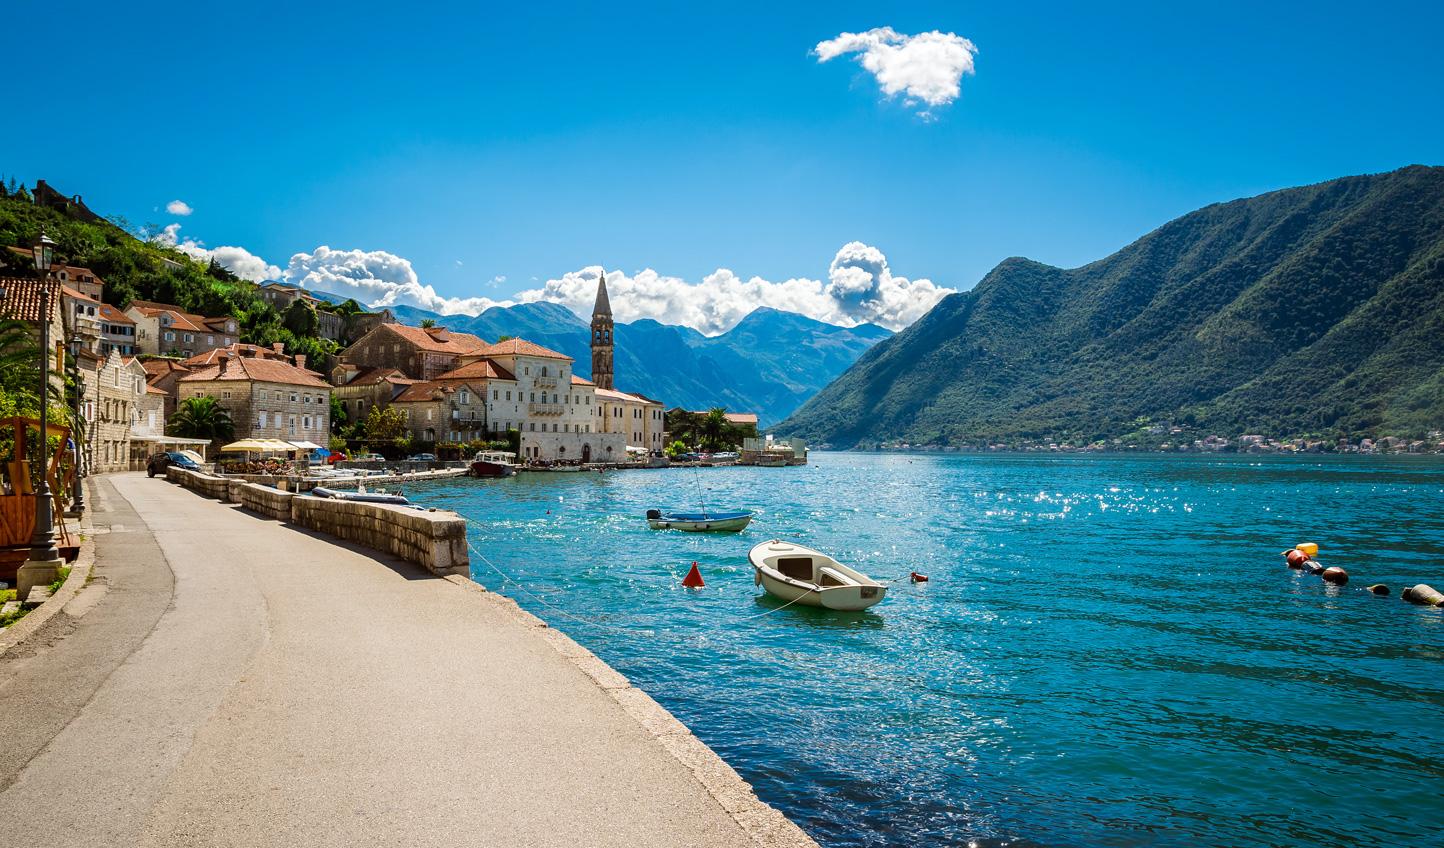 Cruise through Boka Bay across the border in Montenegro